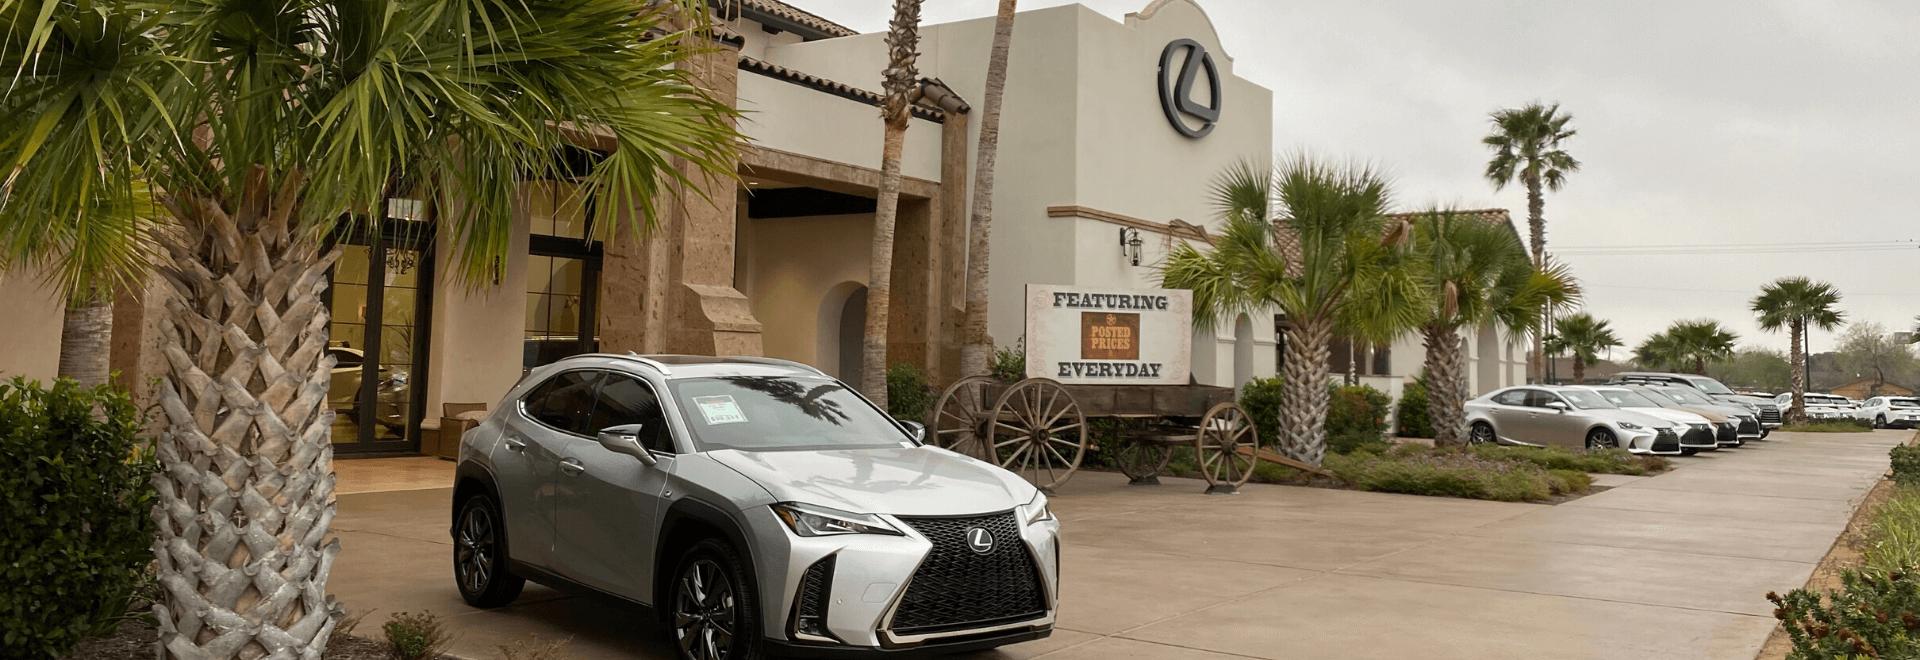 Lexus Delivery Service Rio Grande Valley